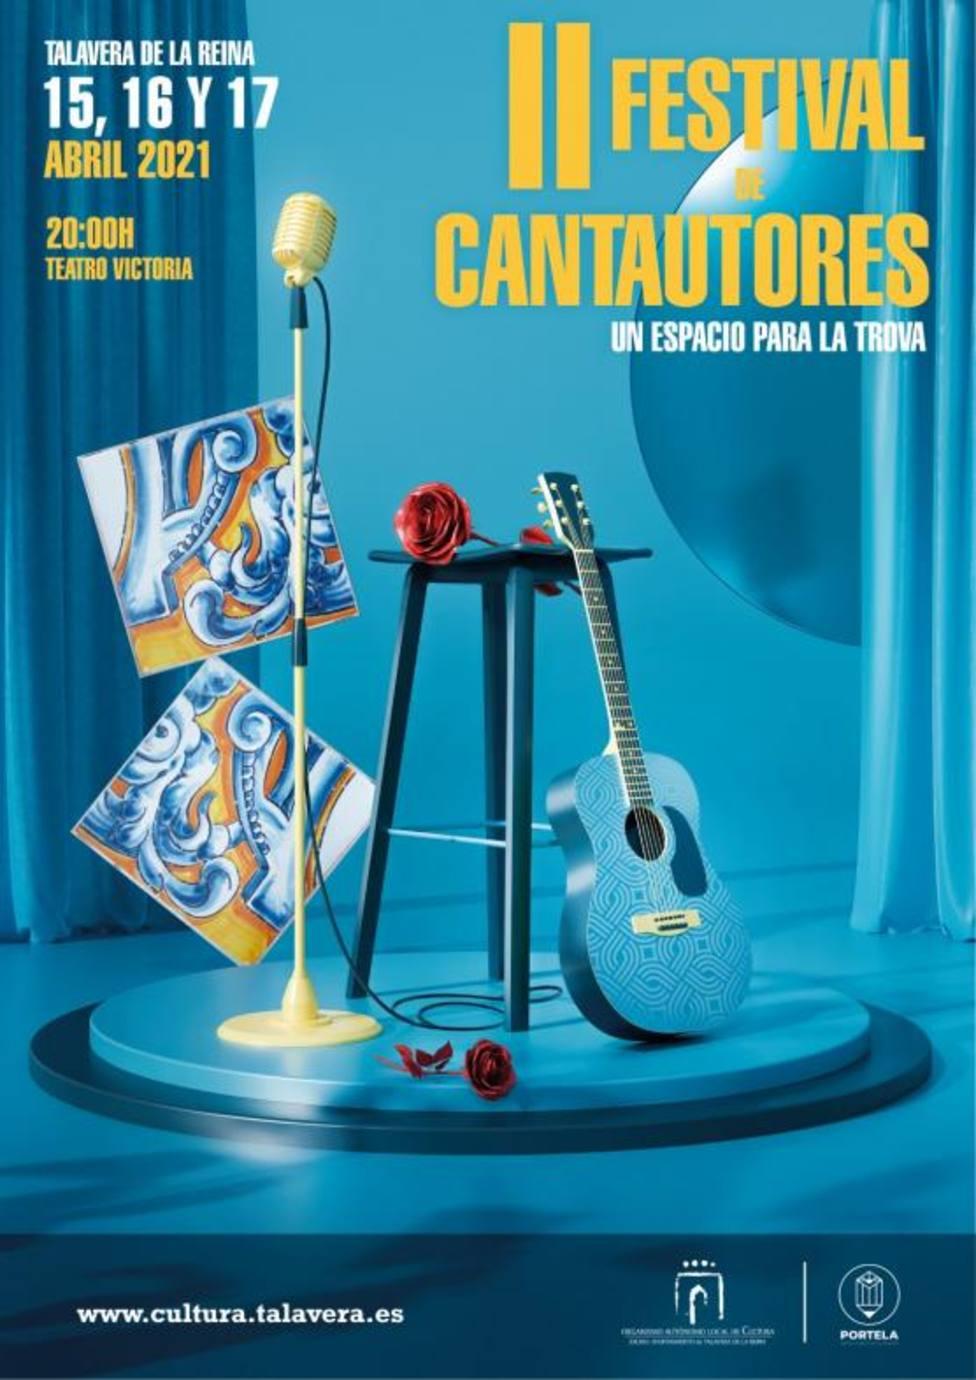 ctv-tgd-ii-festival-de-cantautores-un-espacio-para-la-trova